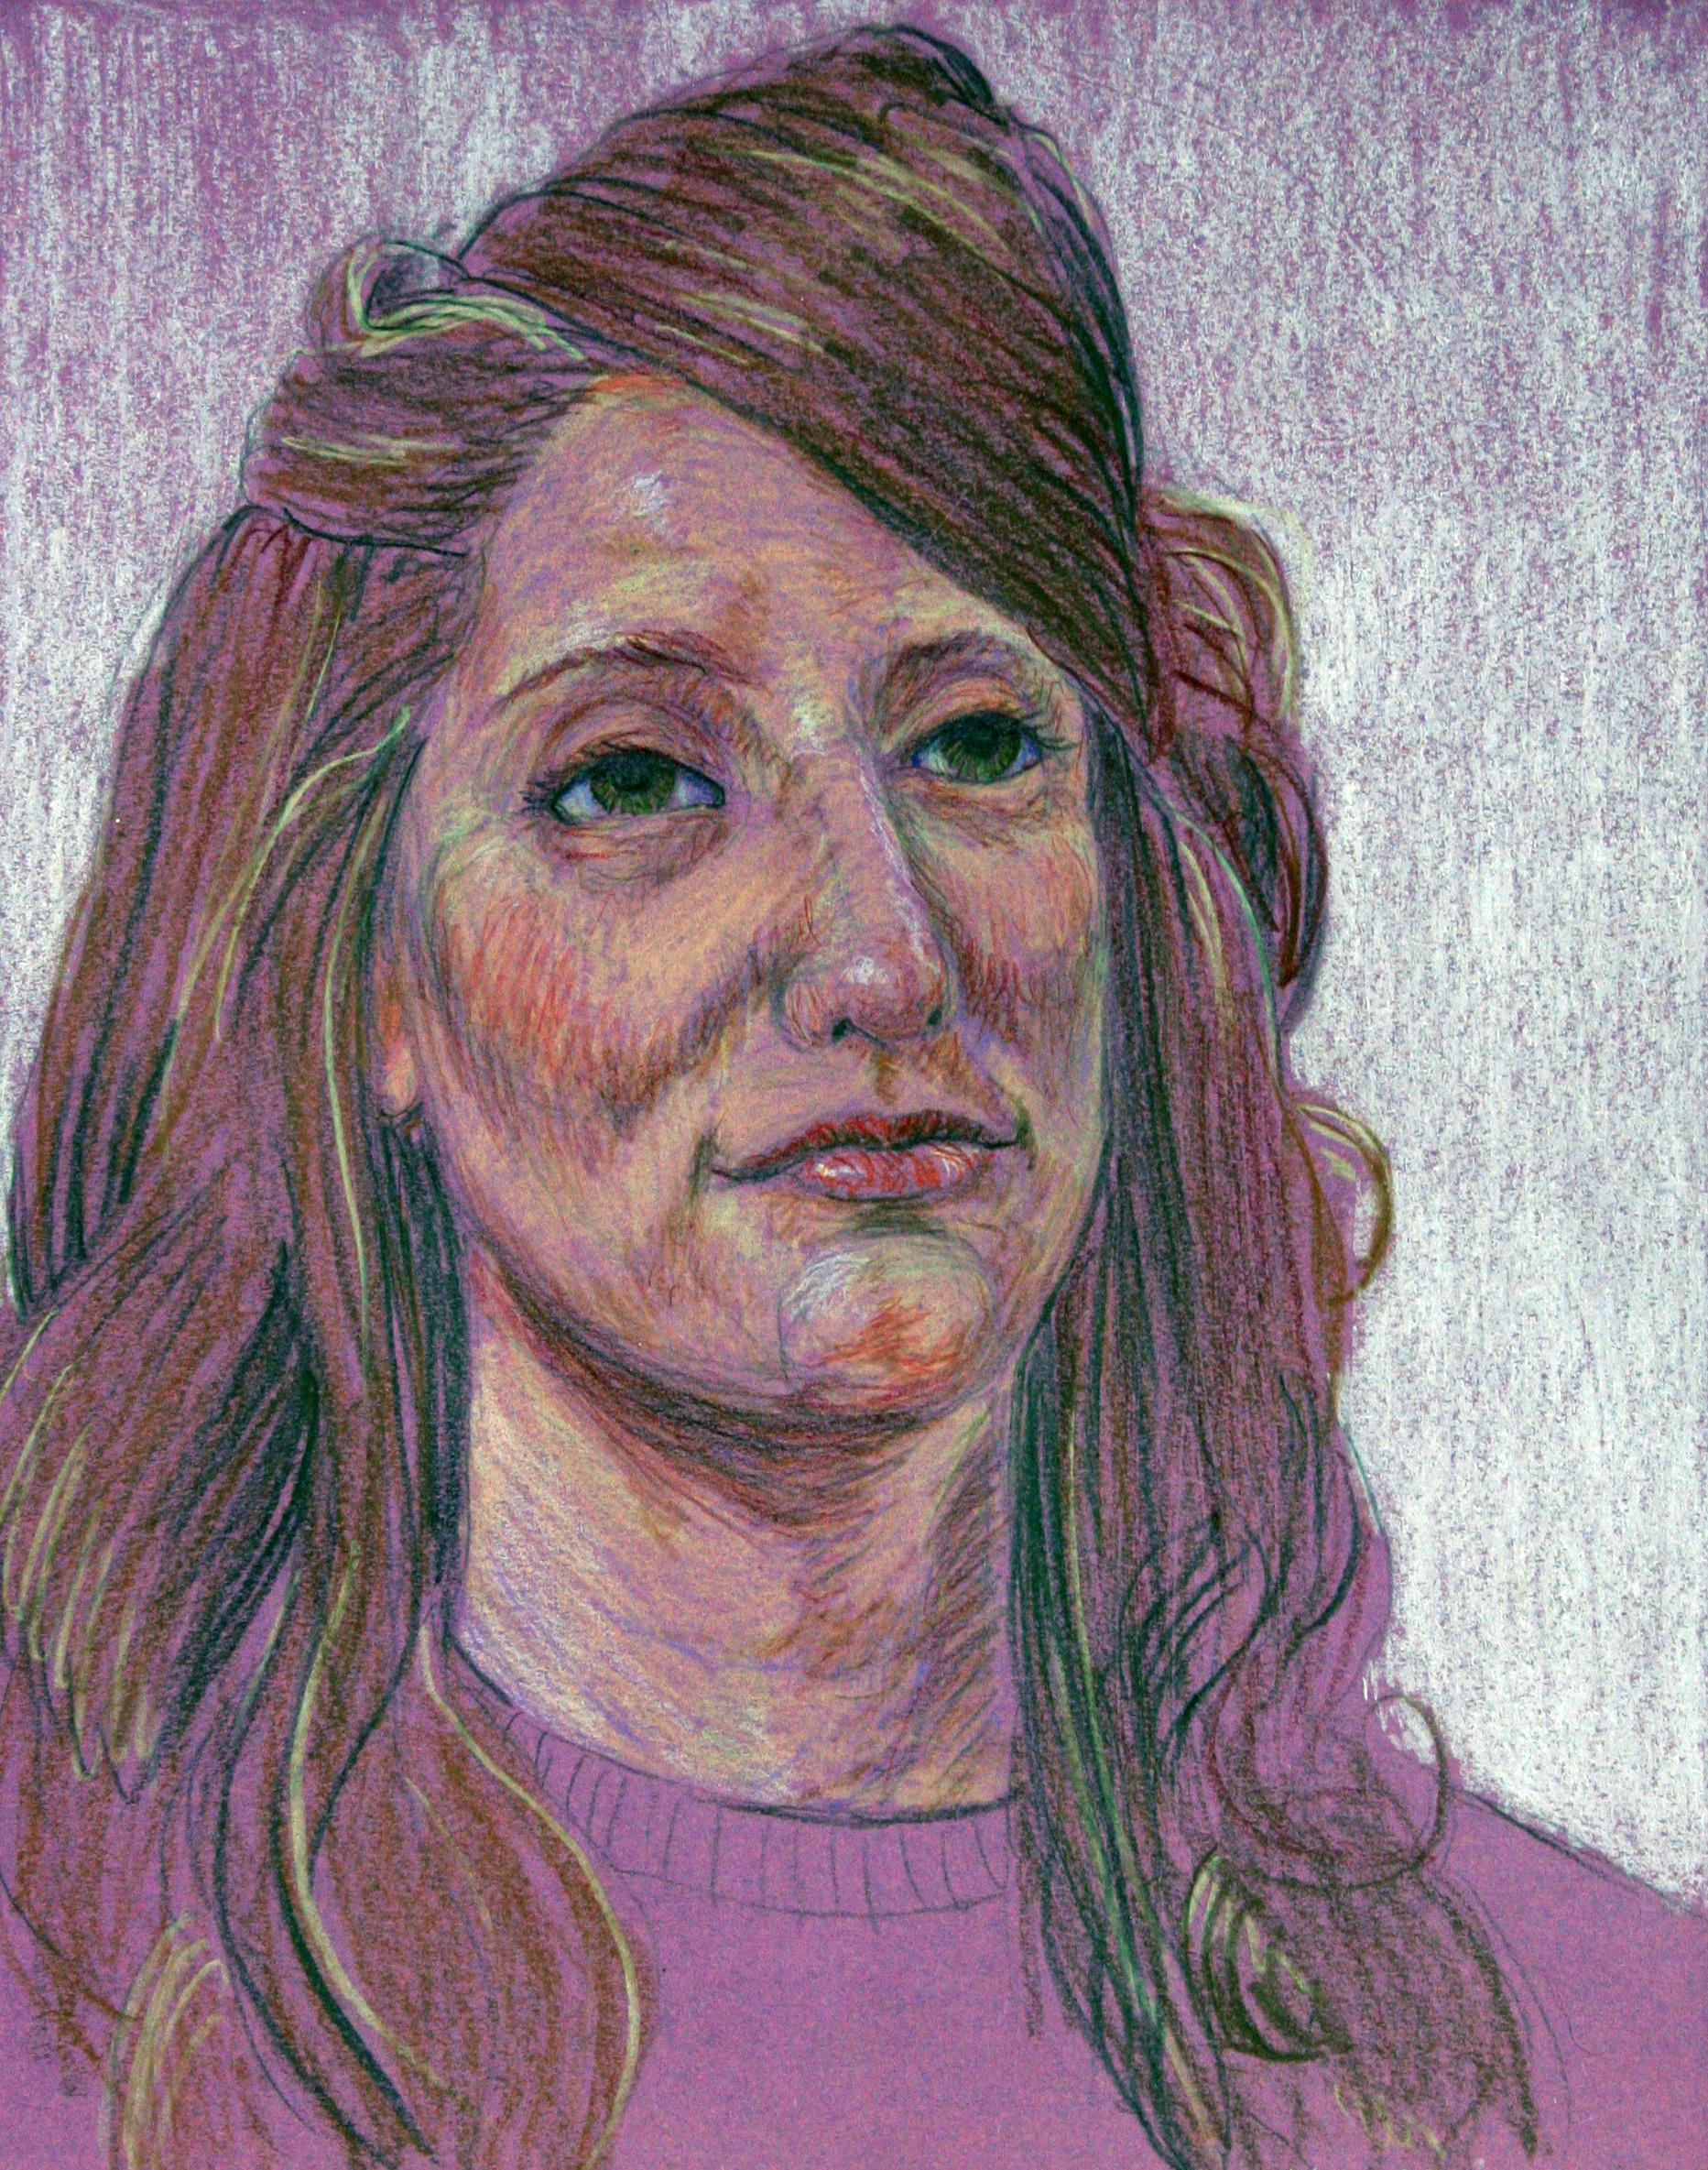 Kim Kristensen did this pastel drawing.